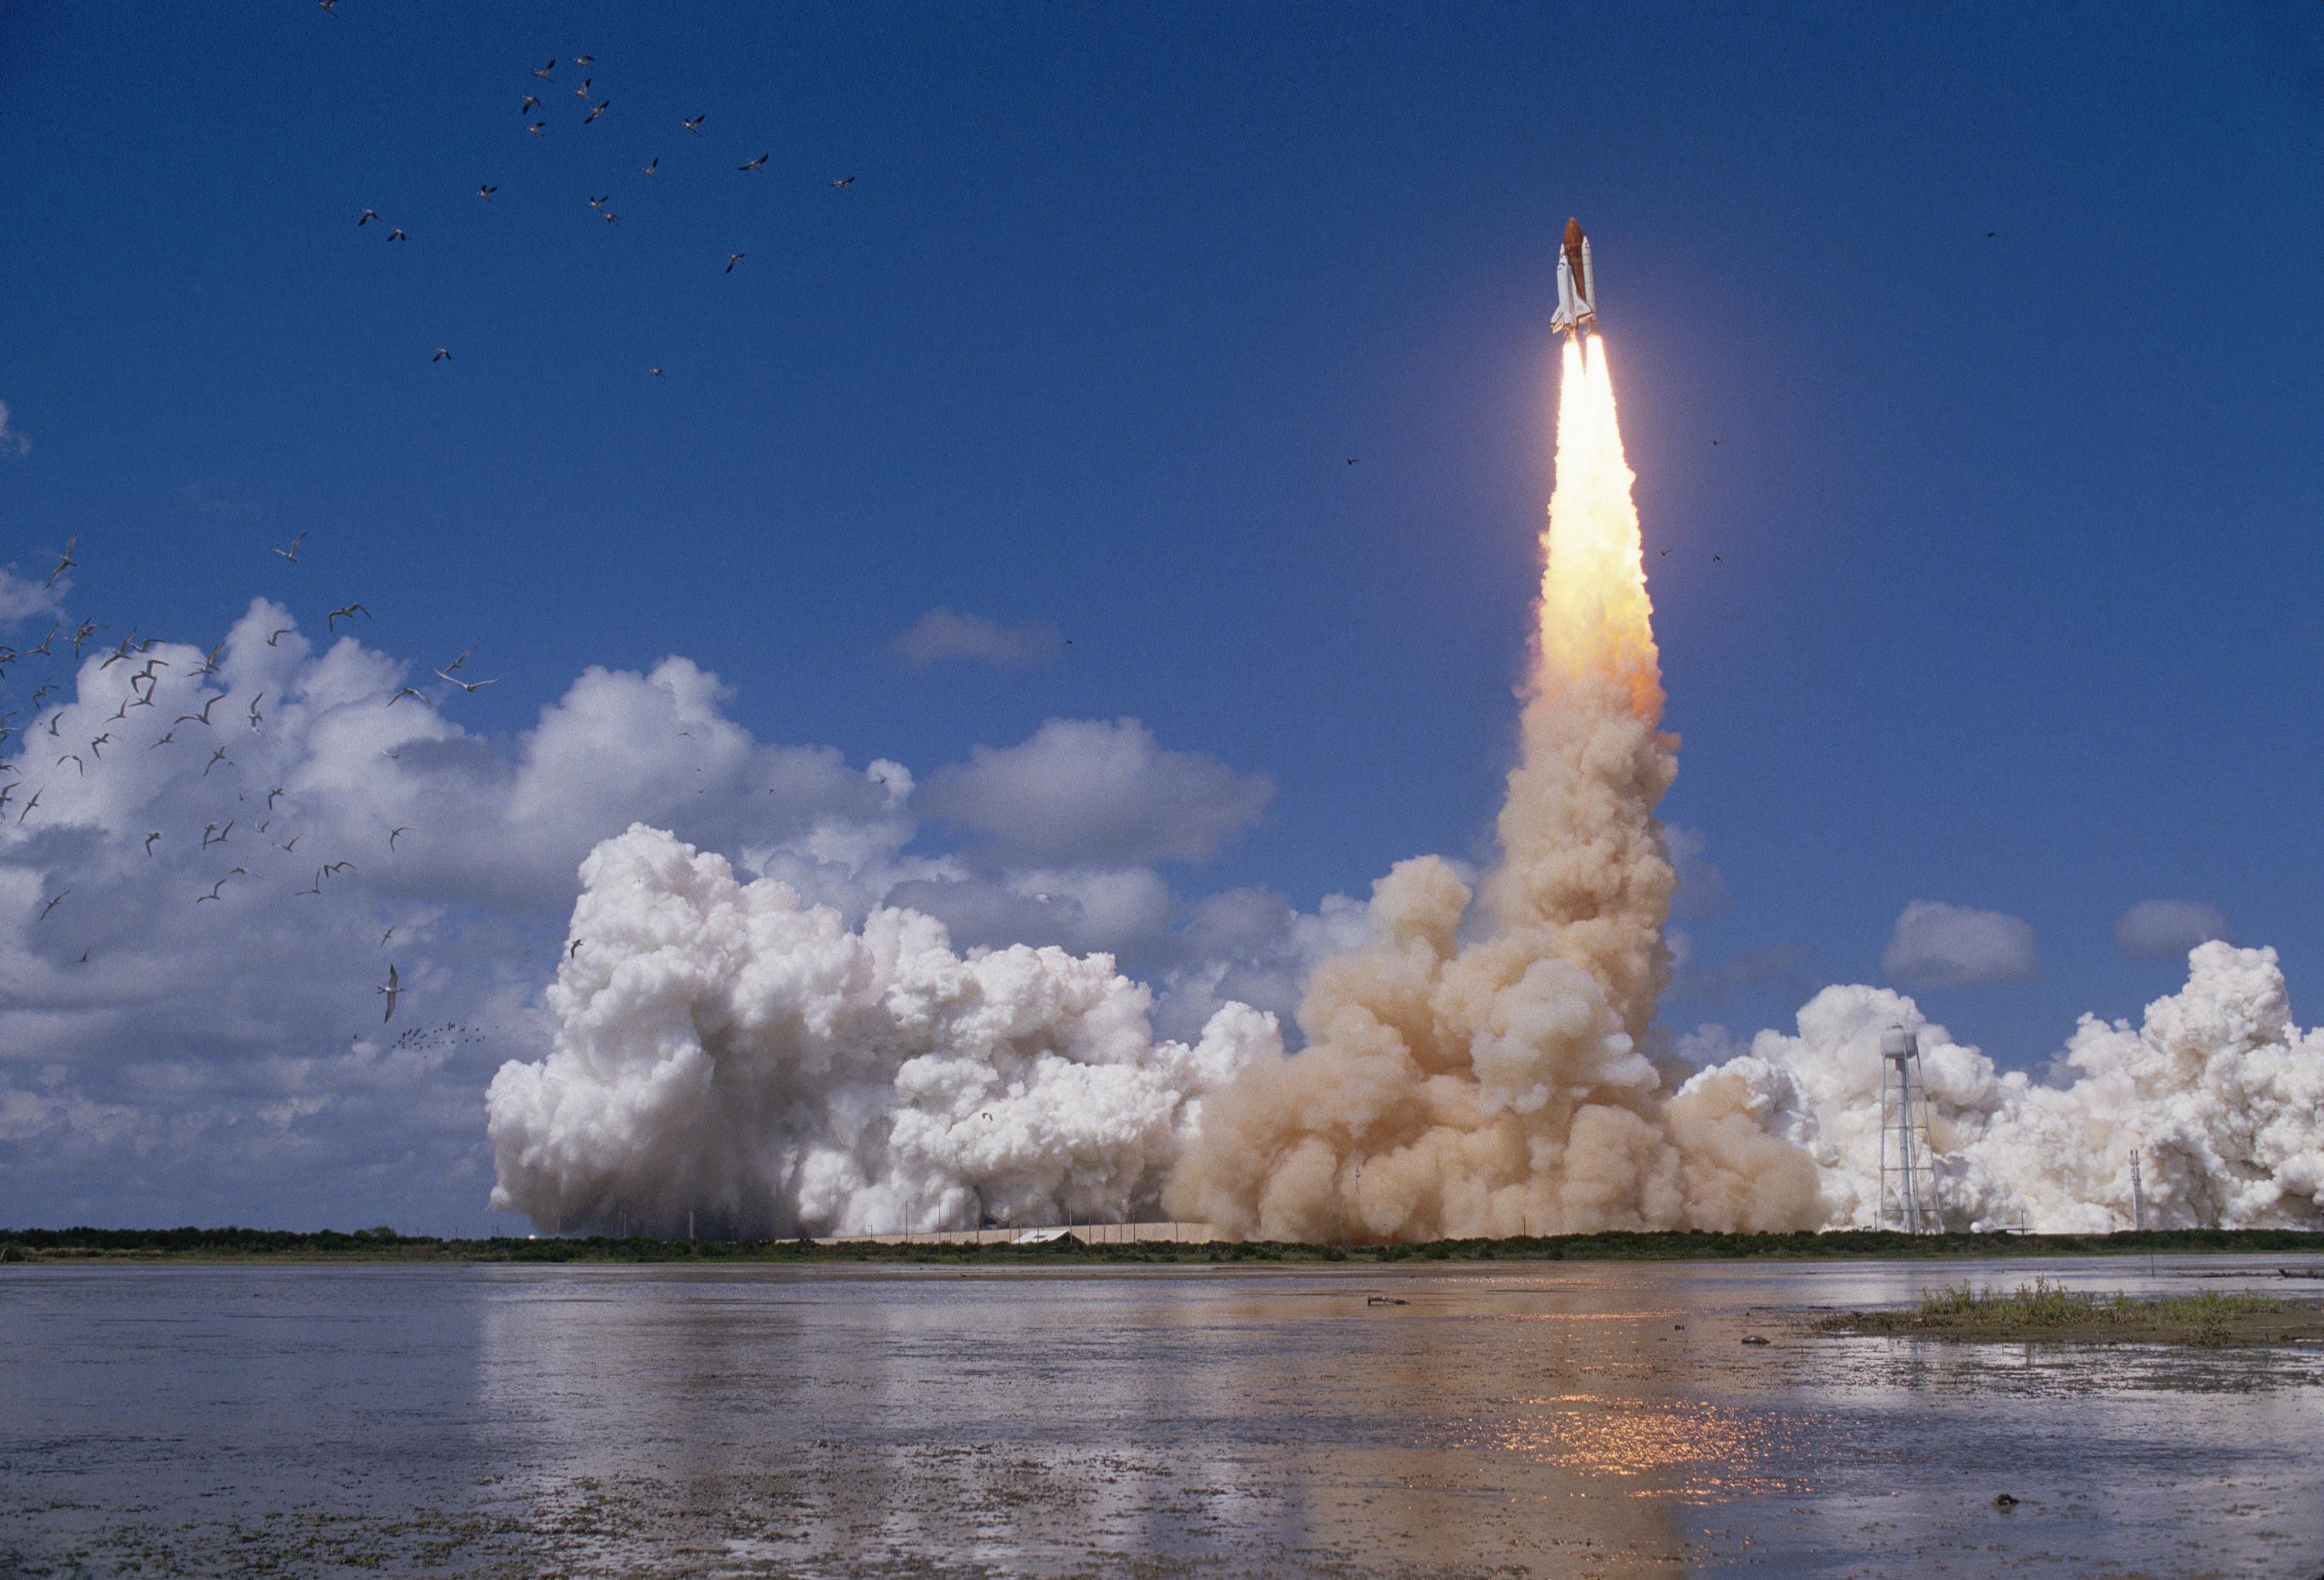 space shuttle launching - photo #22